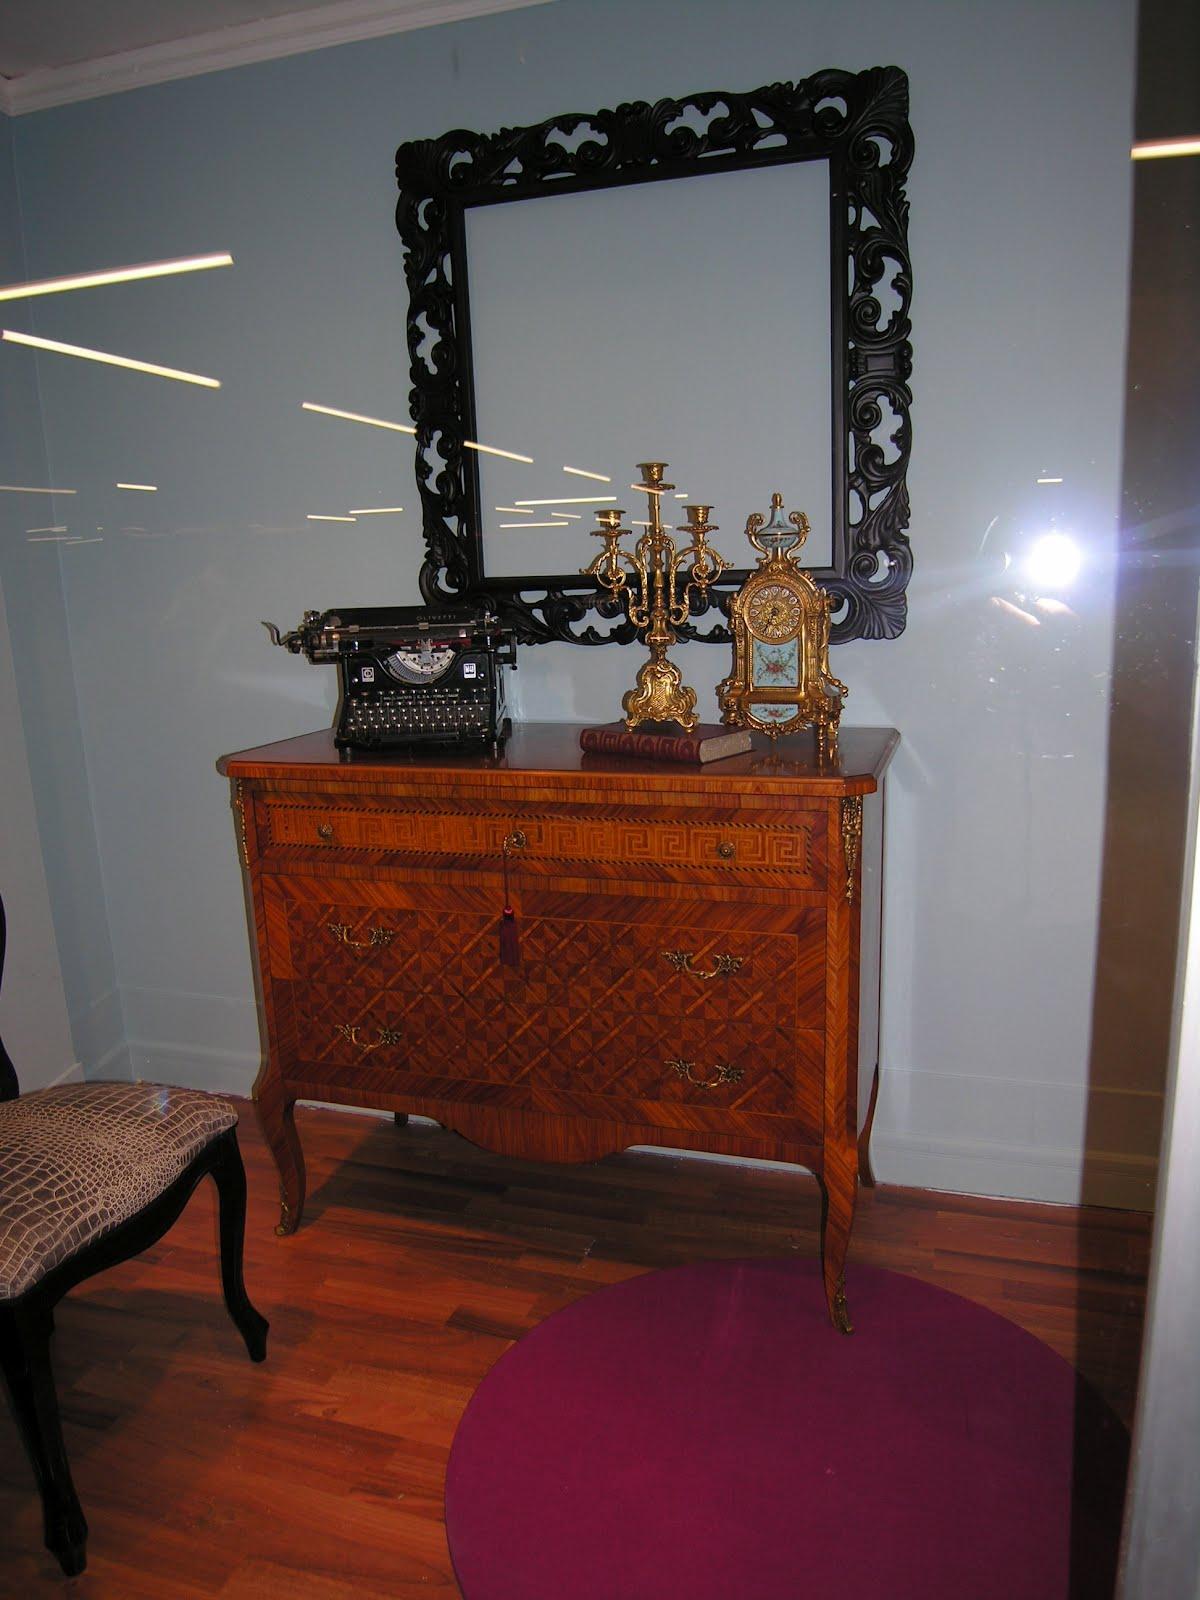 Arredo e design m i a mobili intarsiati artistici for Arredo casa mia